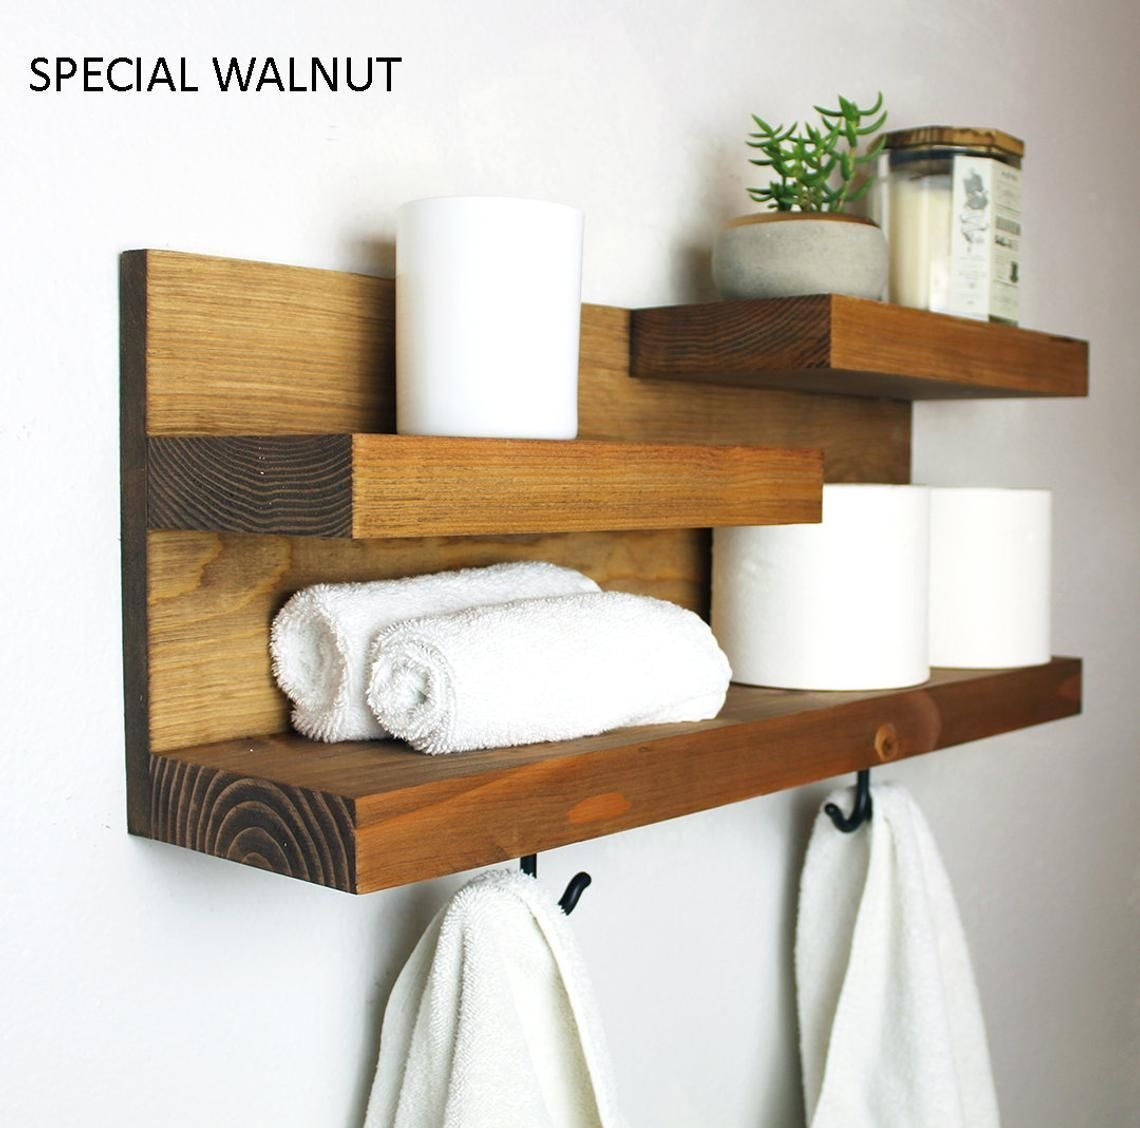 Enchanting Bathroom Storage Ideas For Your Organization05